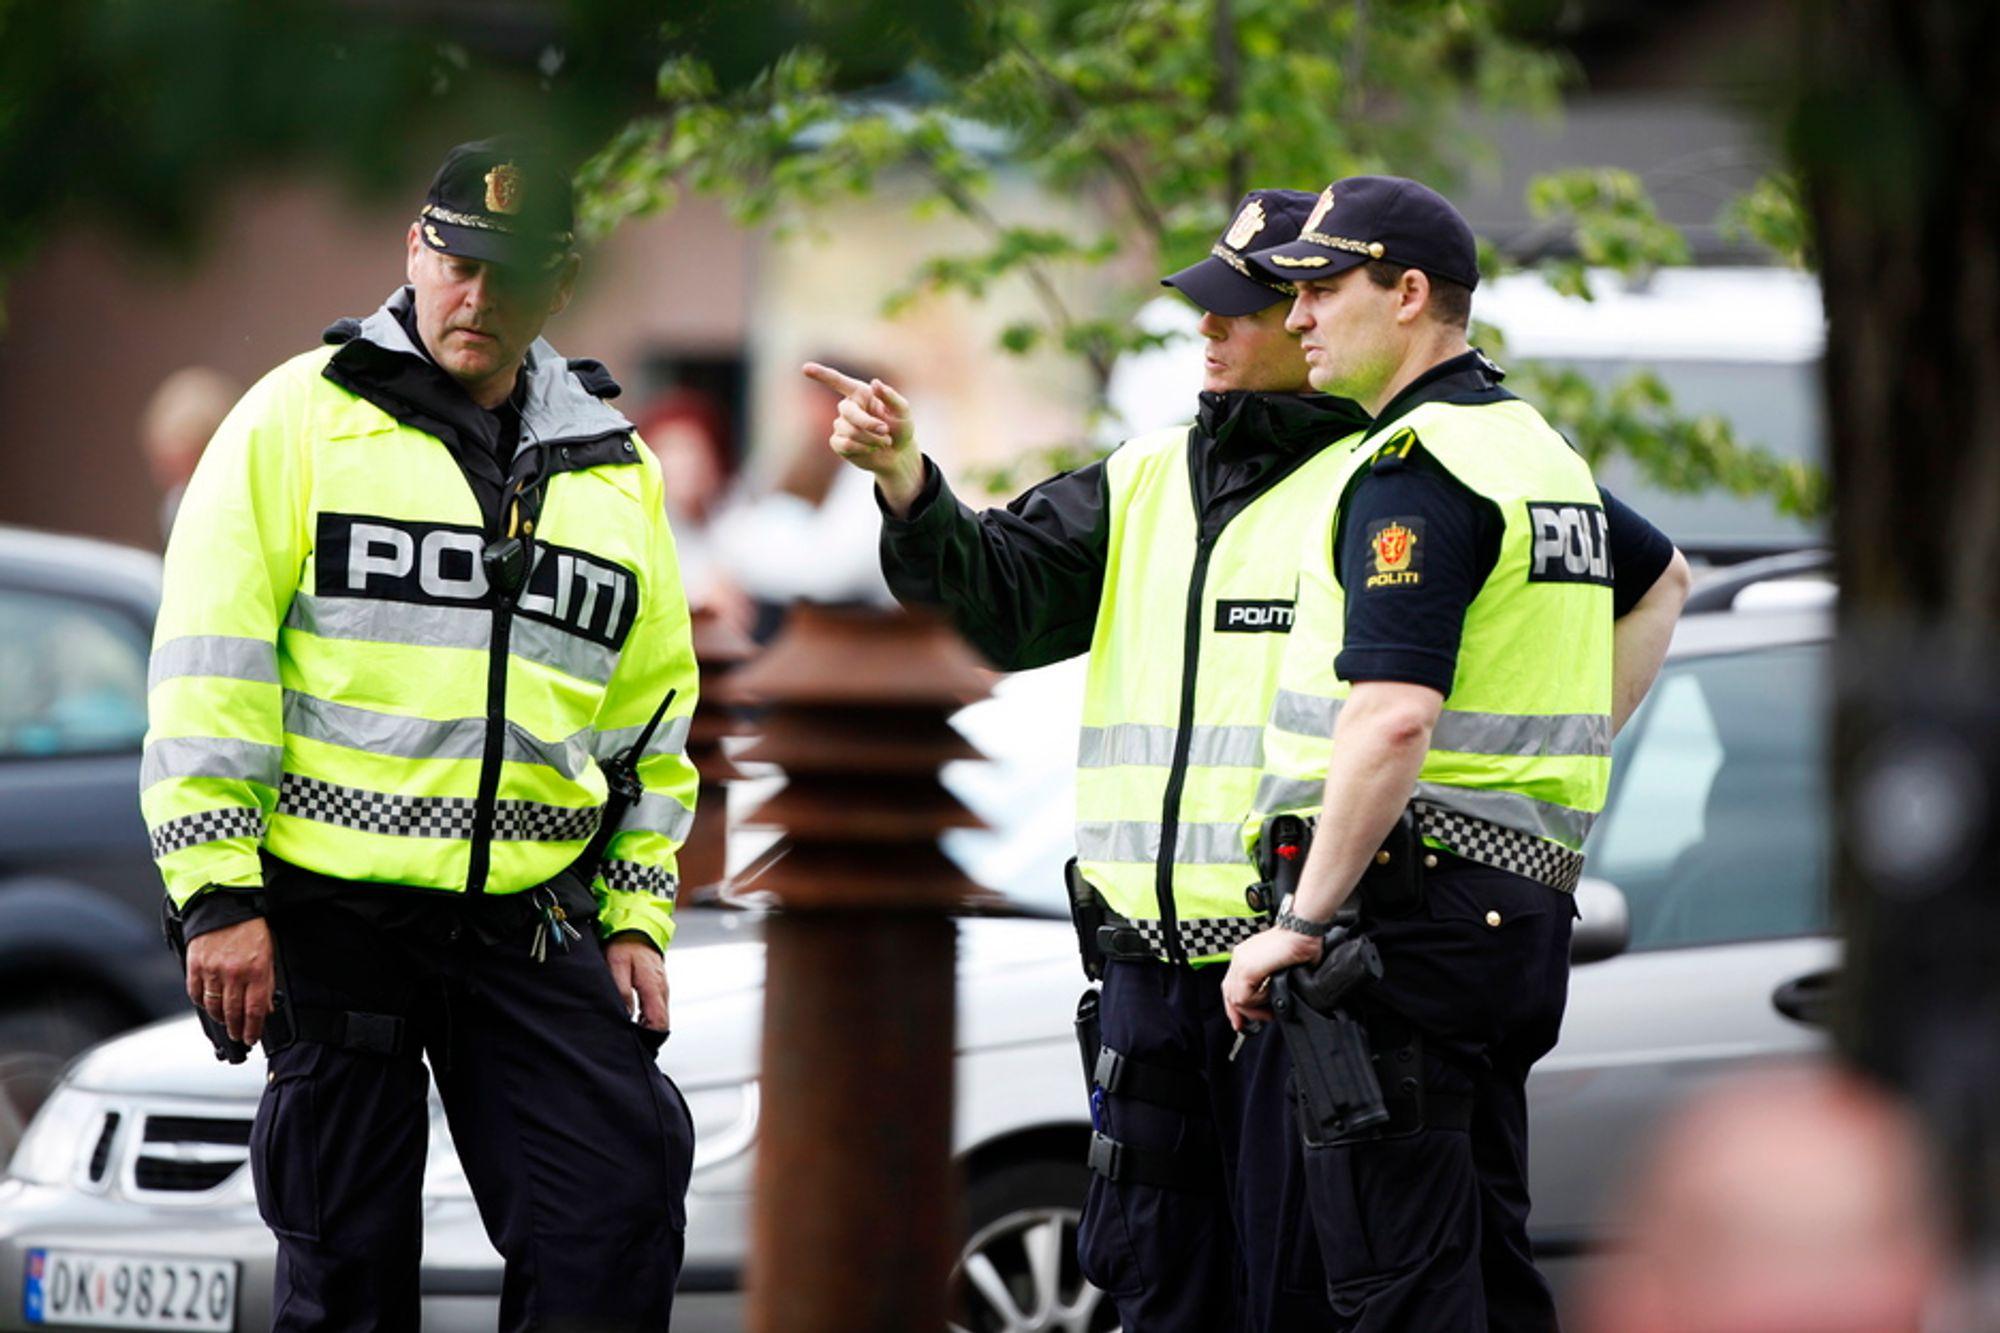 PARADOKS: Nødnettet fungerte godt da bomben i regjeringskvartalet smalt, men da skytetragedien startet på Utøya måtte mannskaper flyttes til Nordre Buskerud politidistrikt: De er ikke koblet til nødnettet, og det ga store kommunikasjonsproblemer.